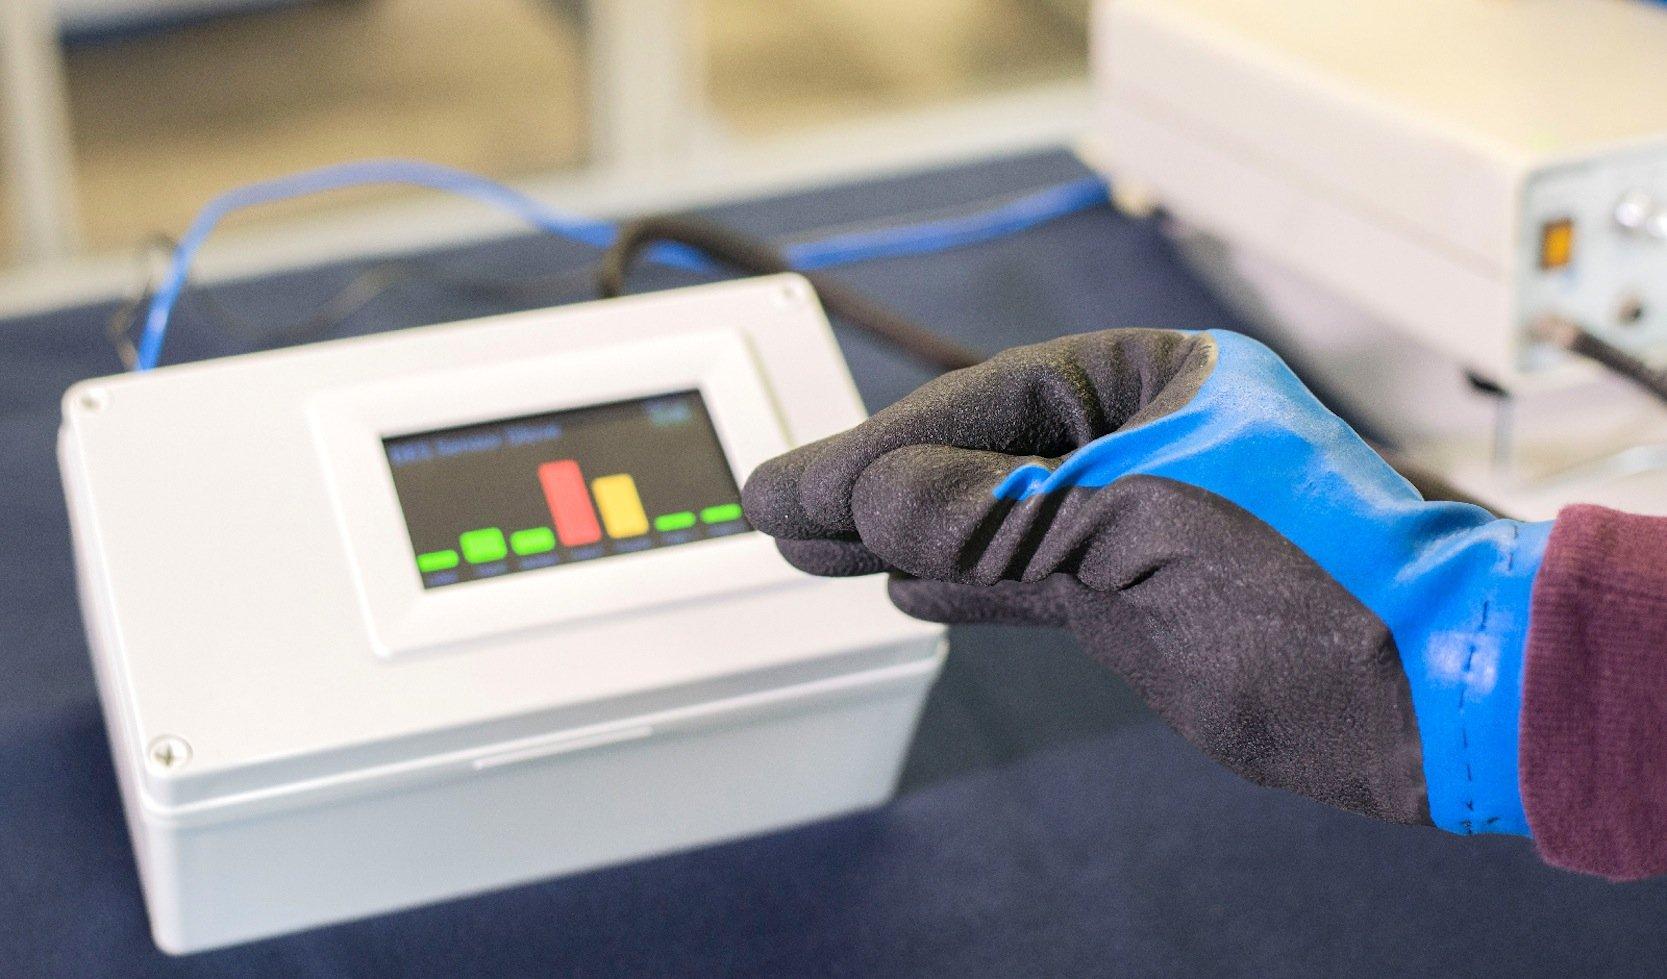 Mit diesem druckempfindlichen Handschuh lassen sichGreifkräfte messen.